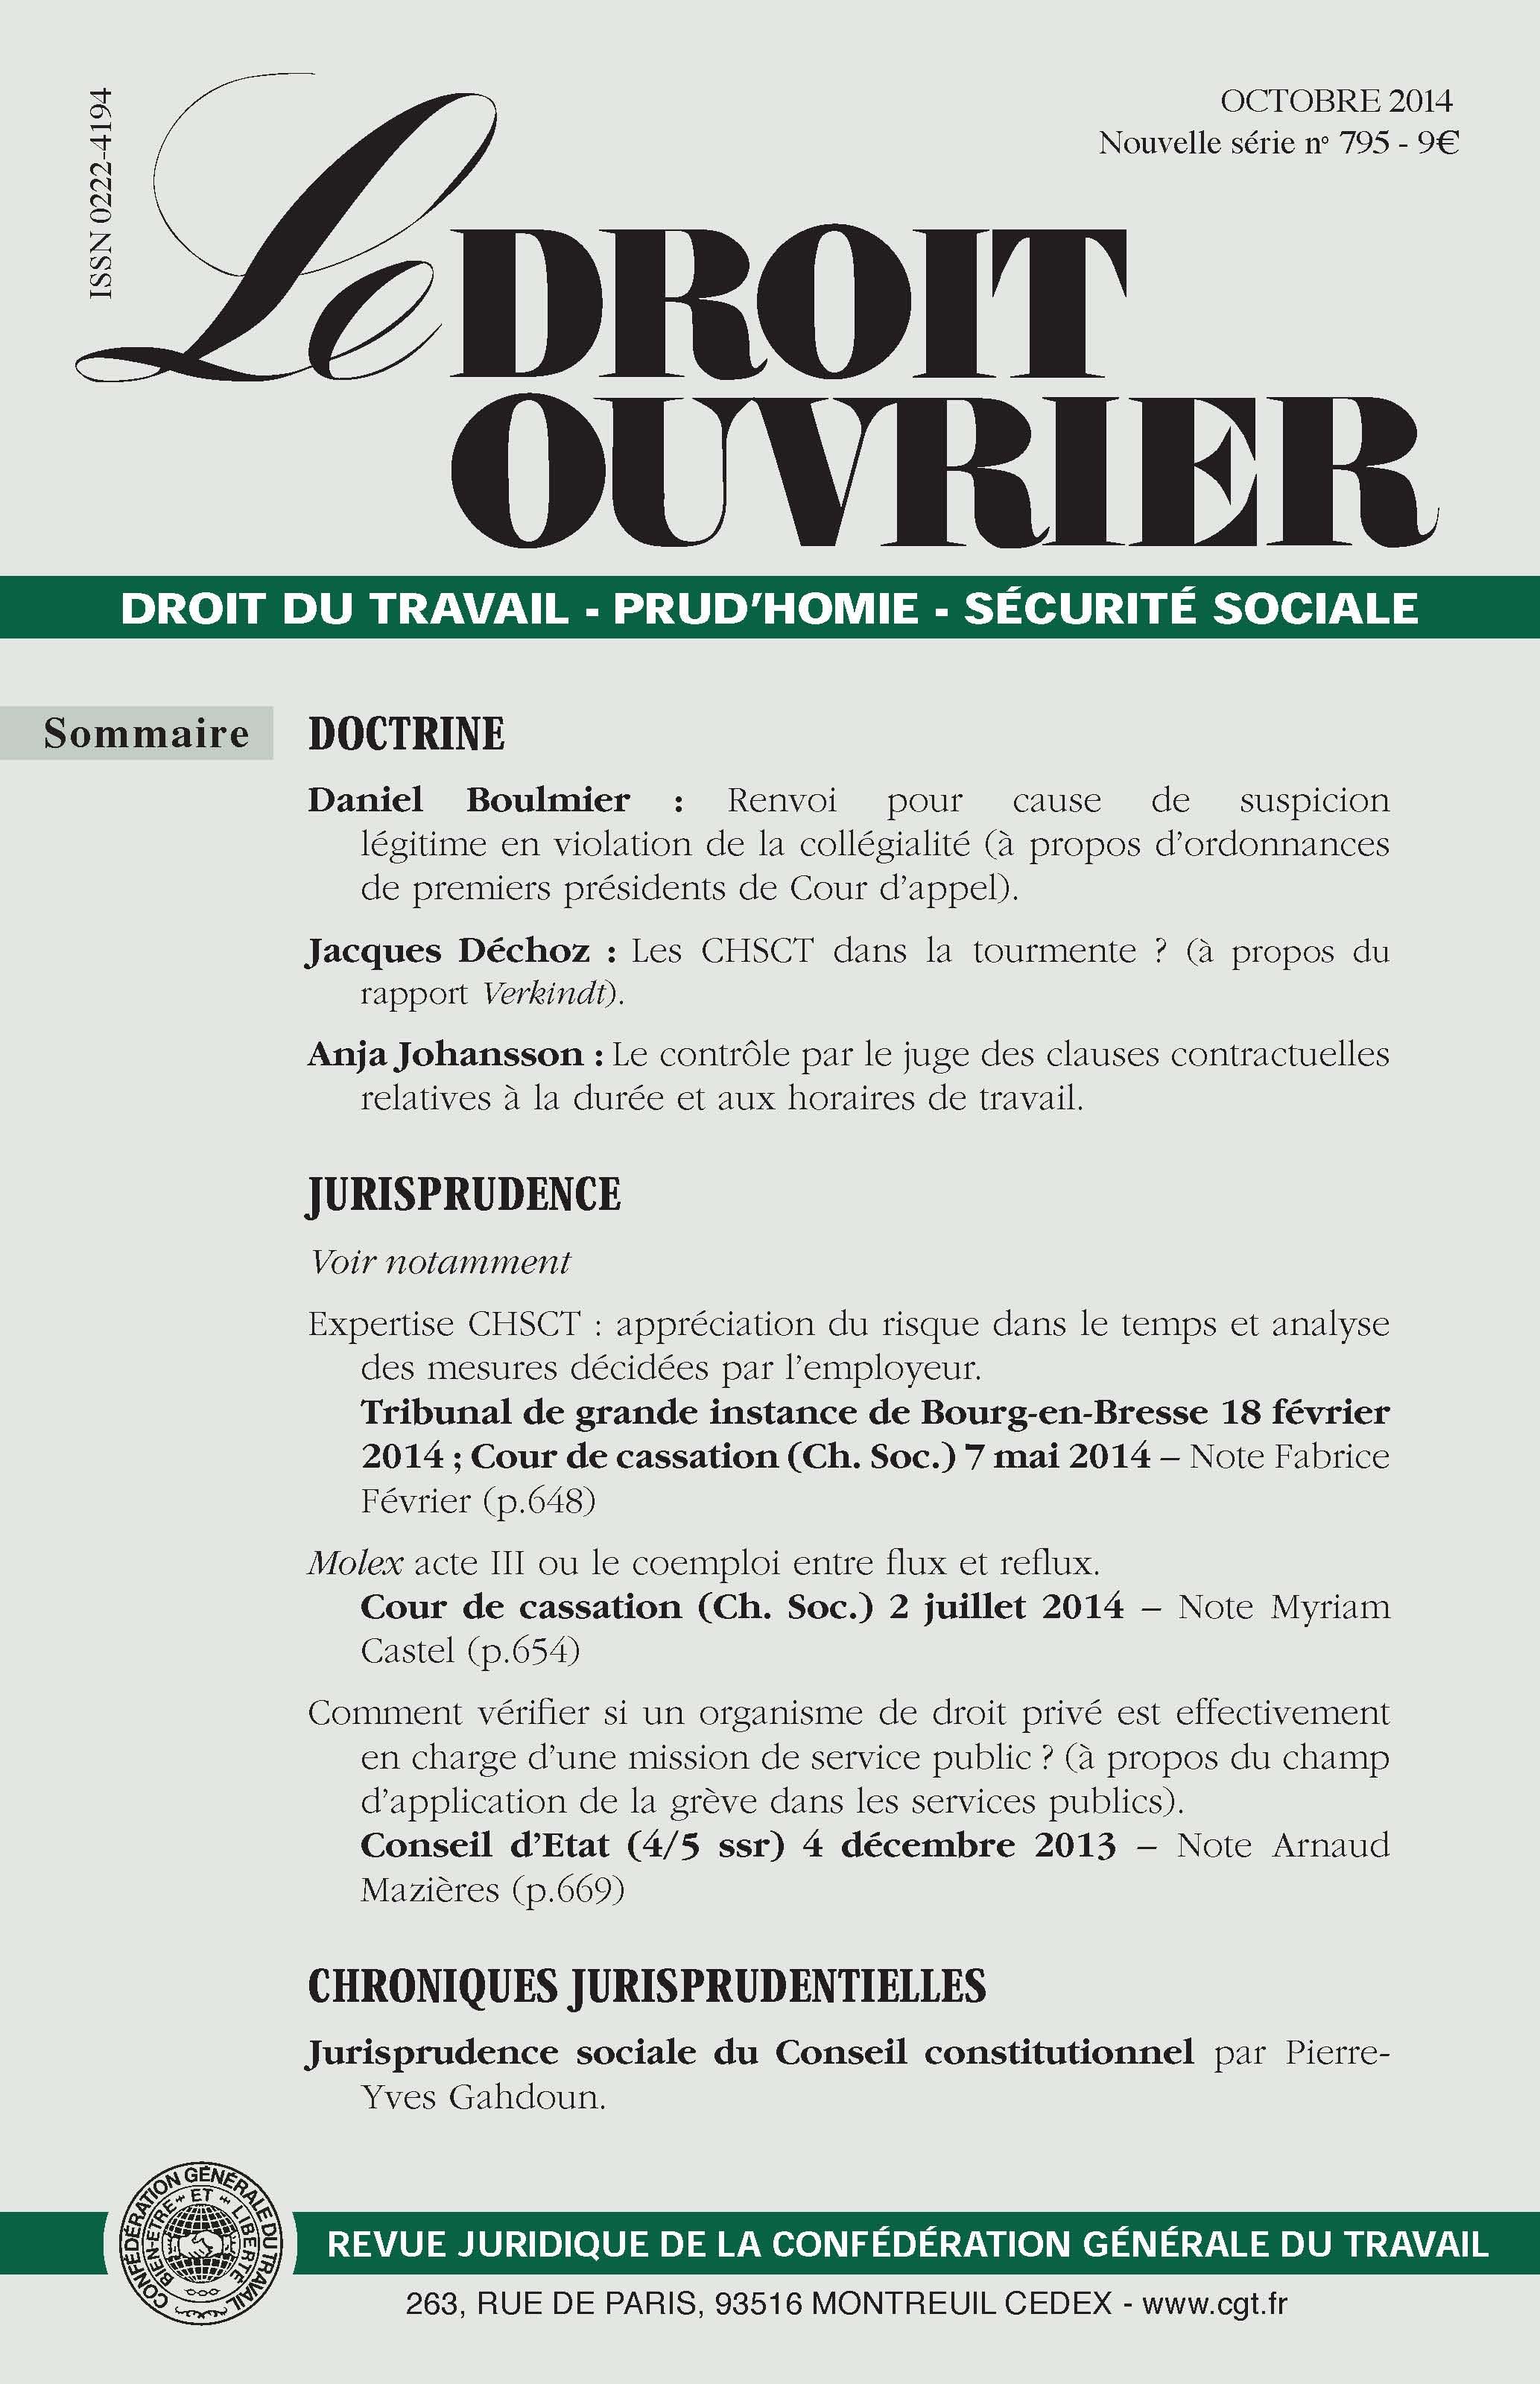 DroitOuvrierOctobre2014_Page_1